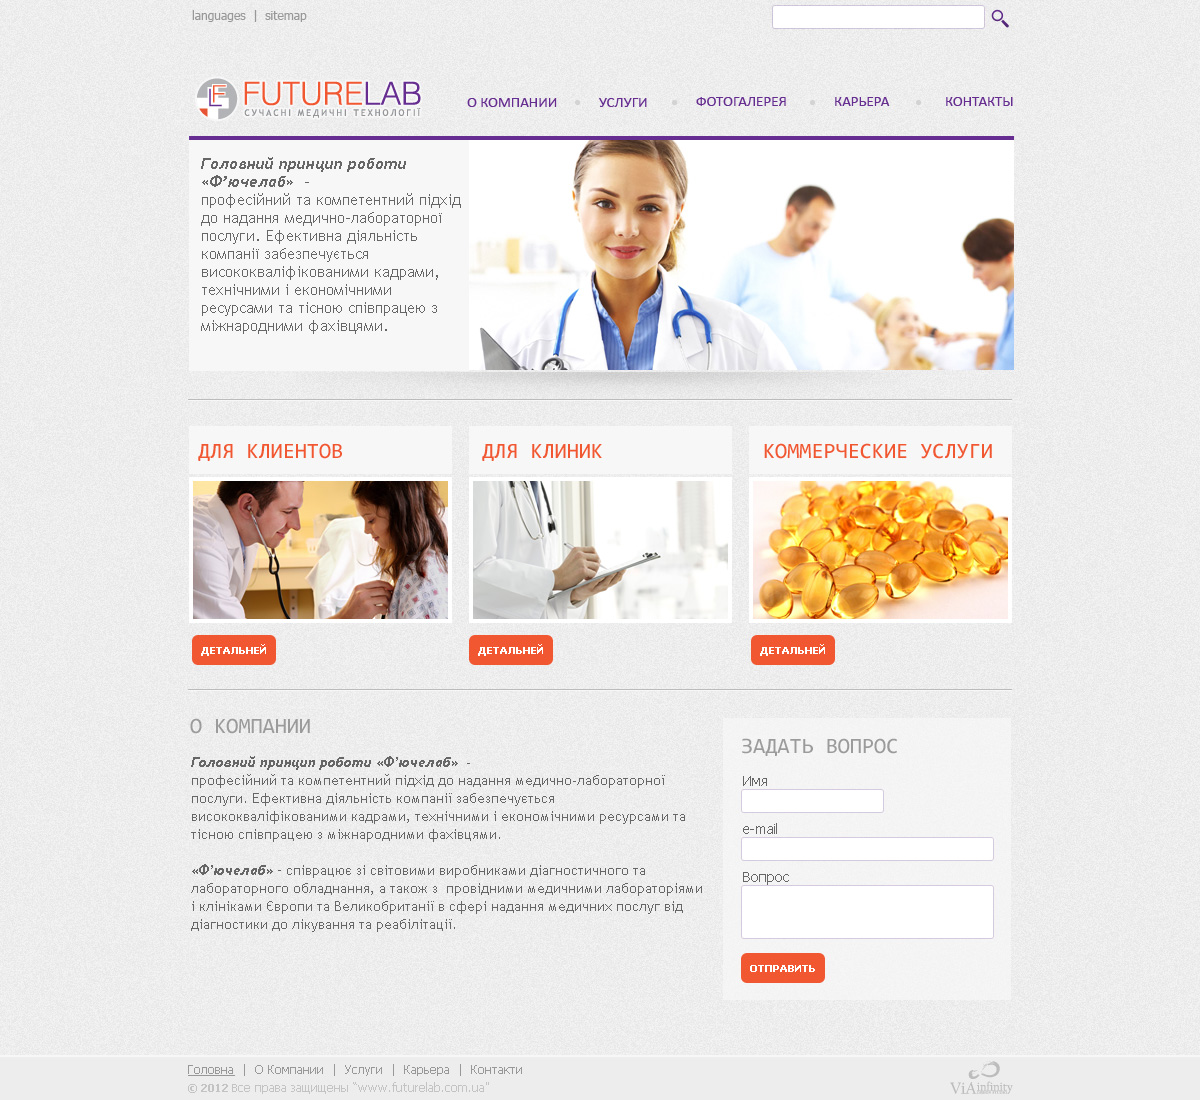 Futurelab site